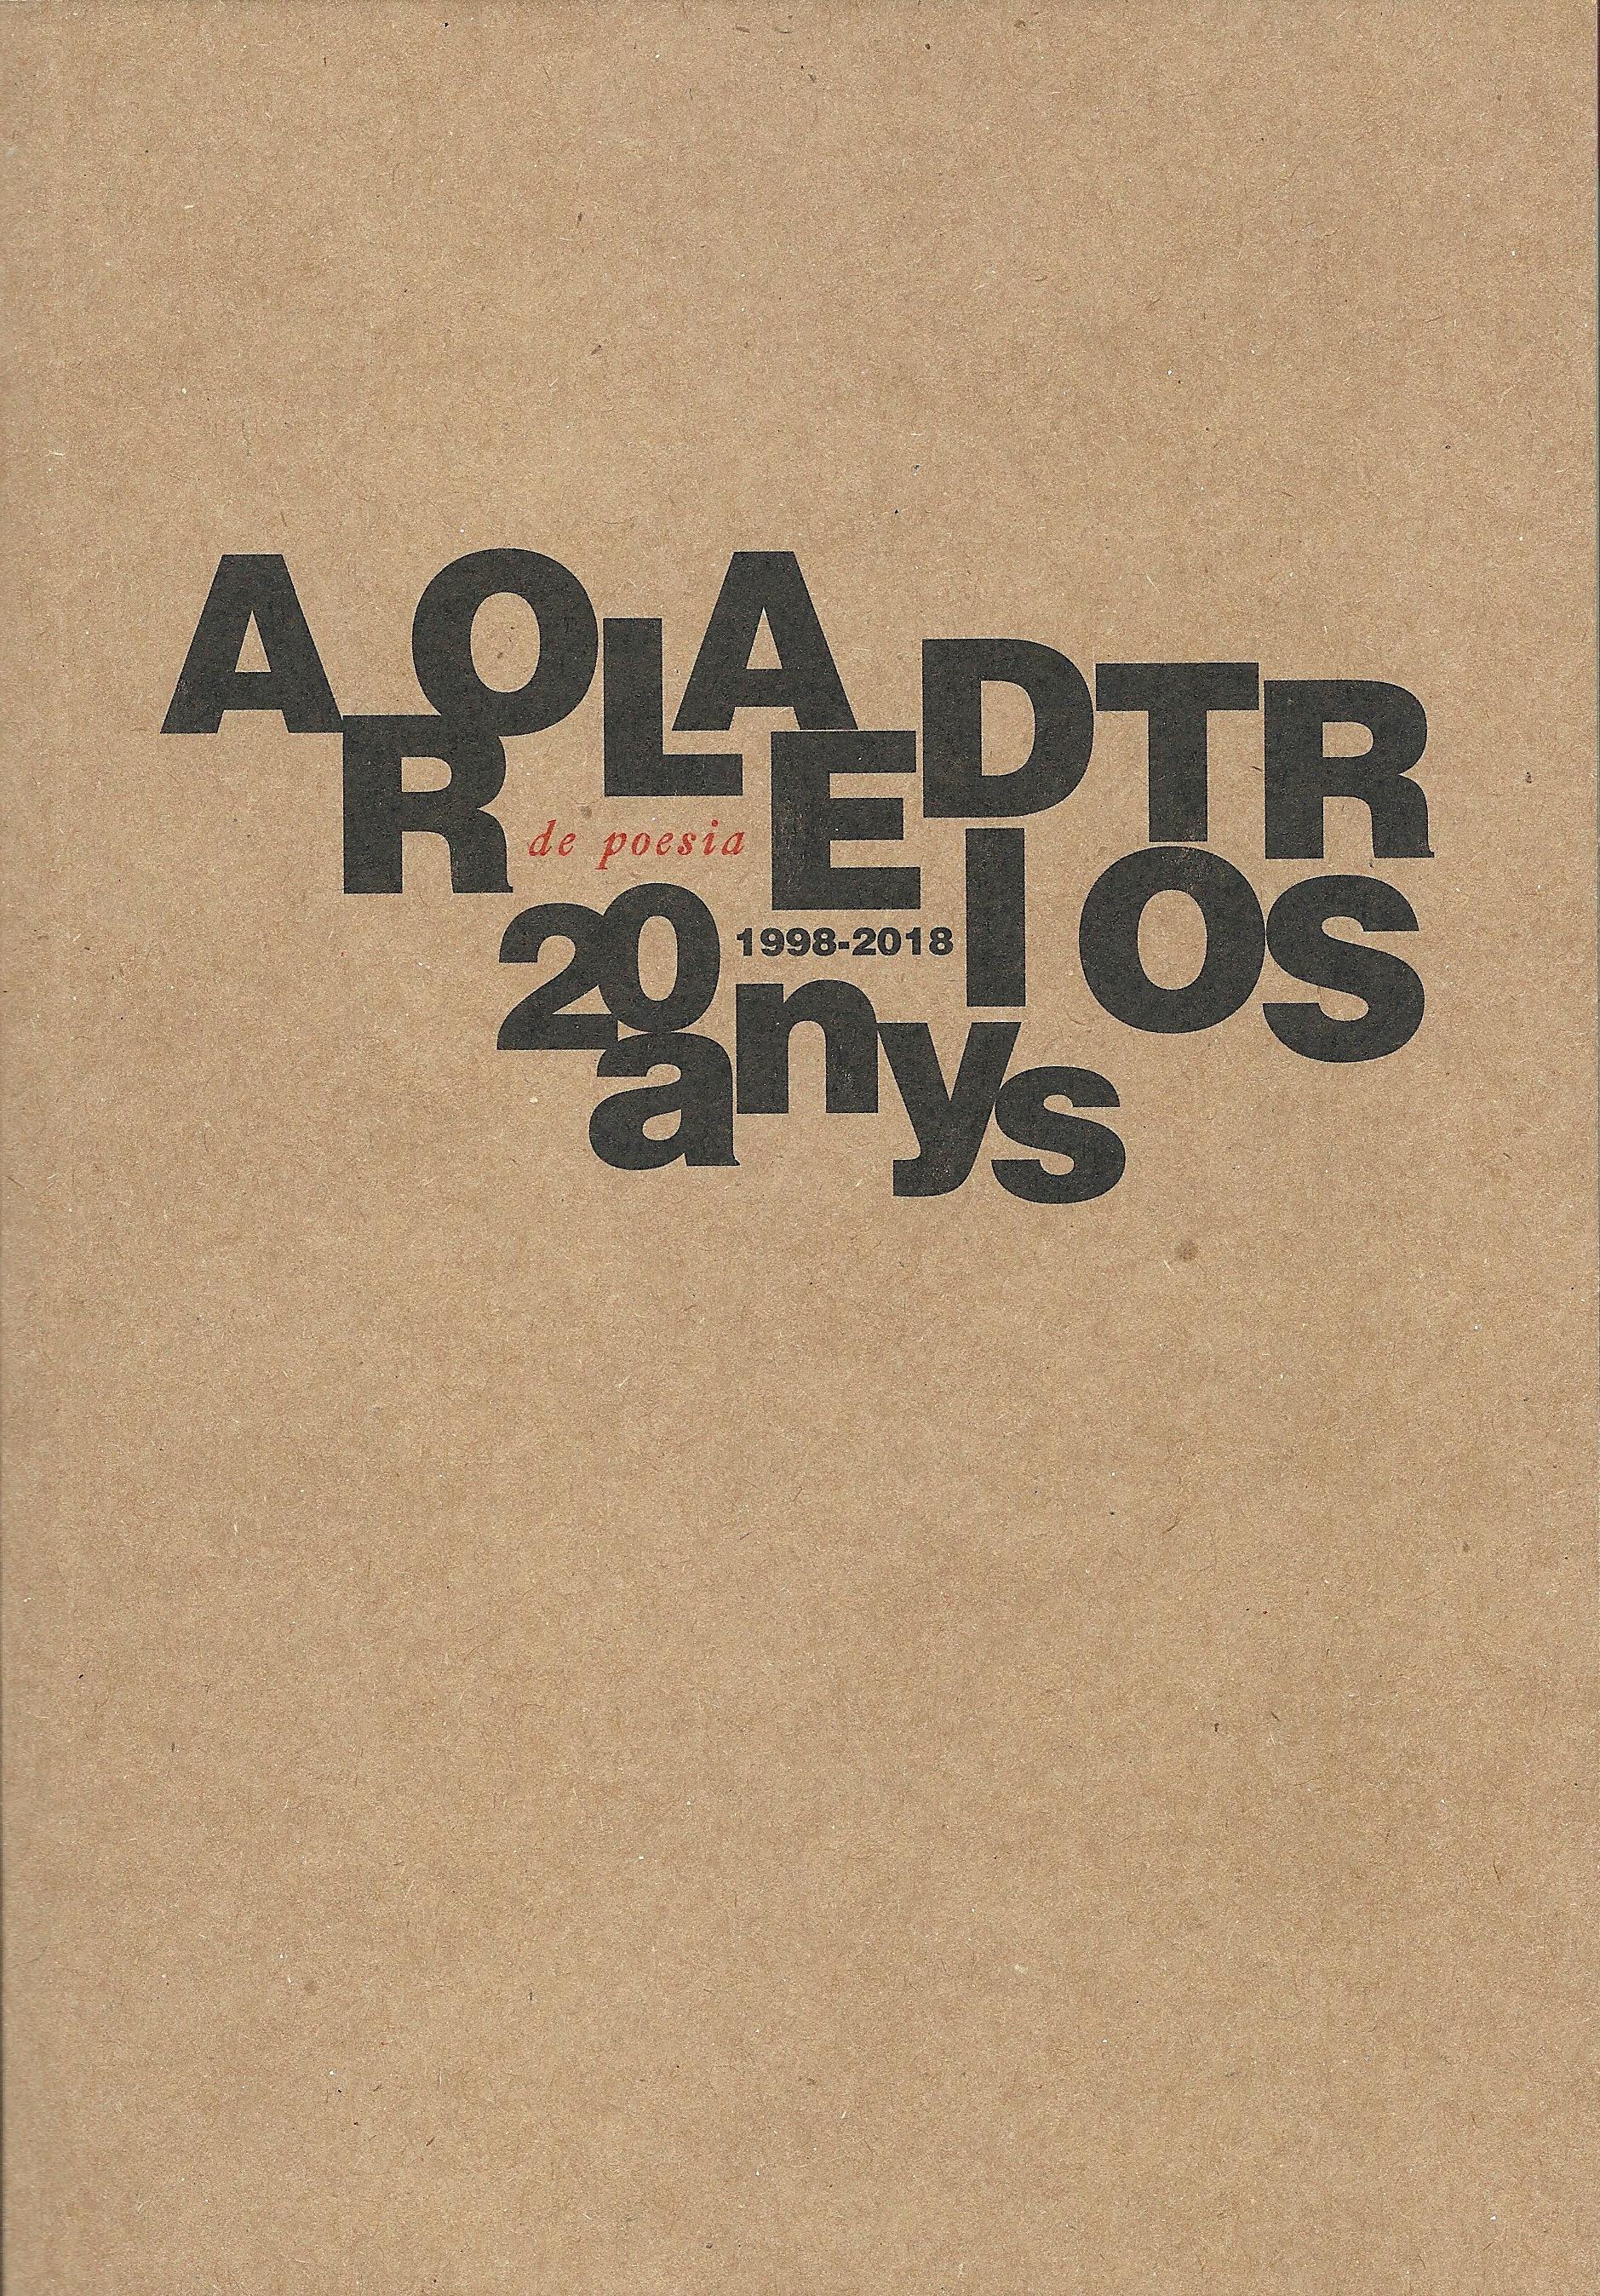 Arola Editors 20 anys